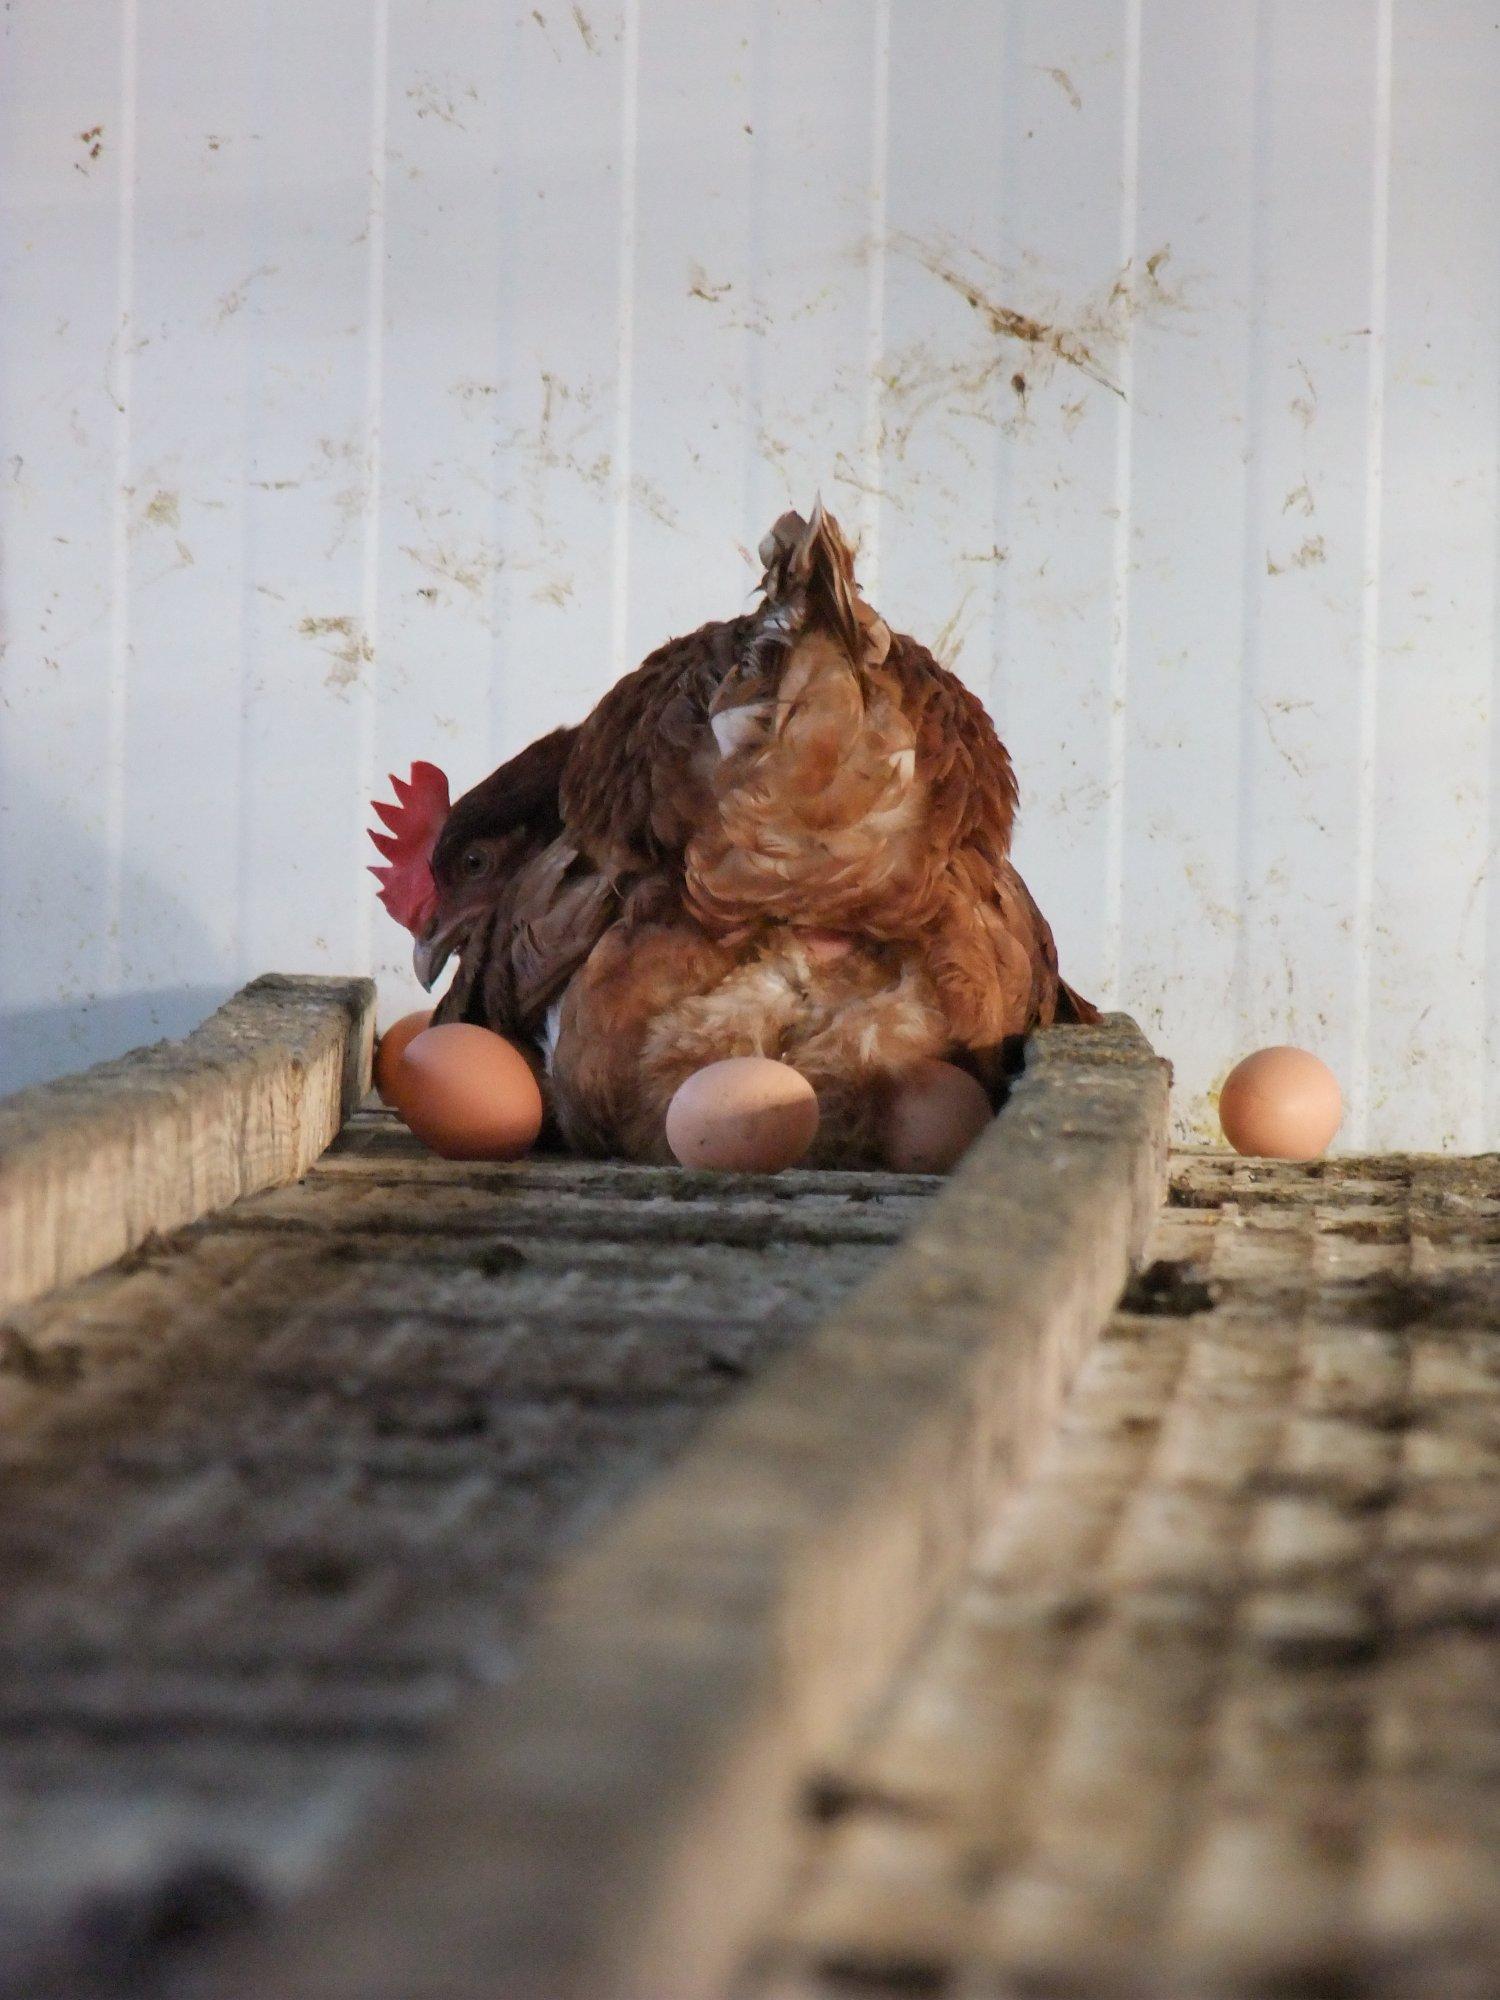 пощупать яйца между ног